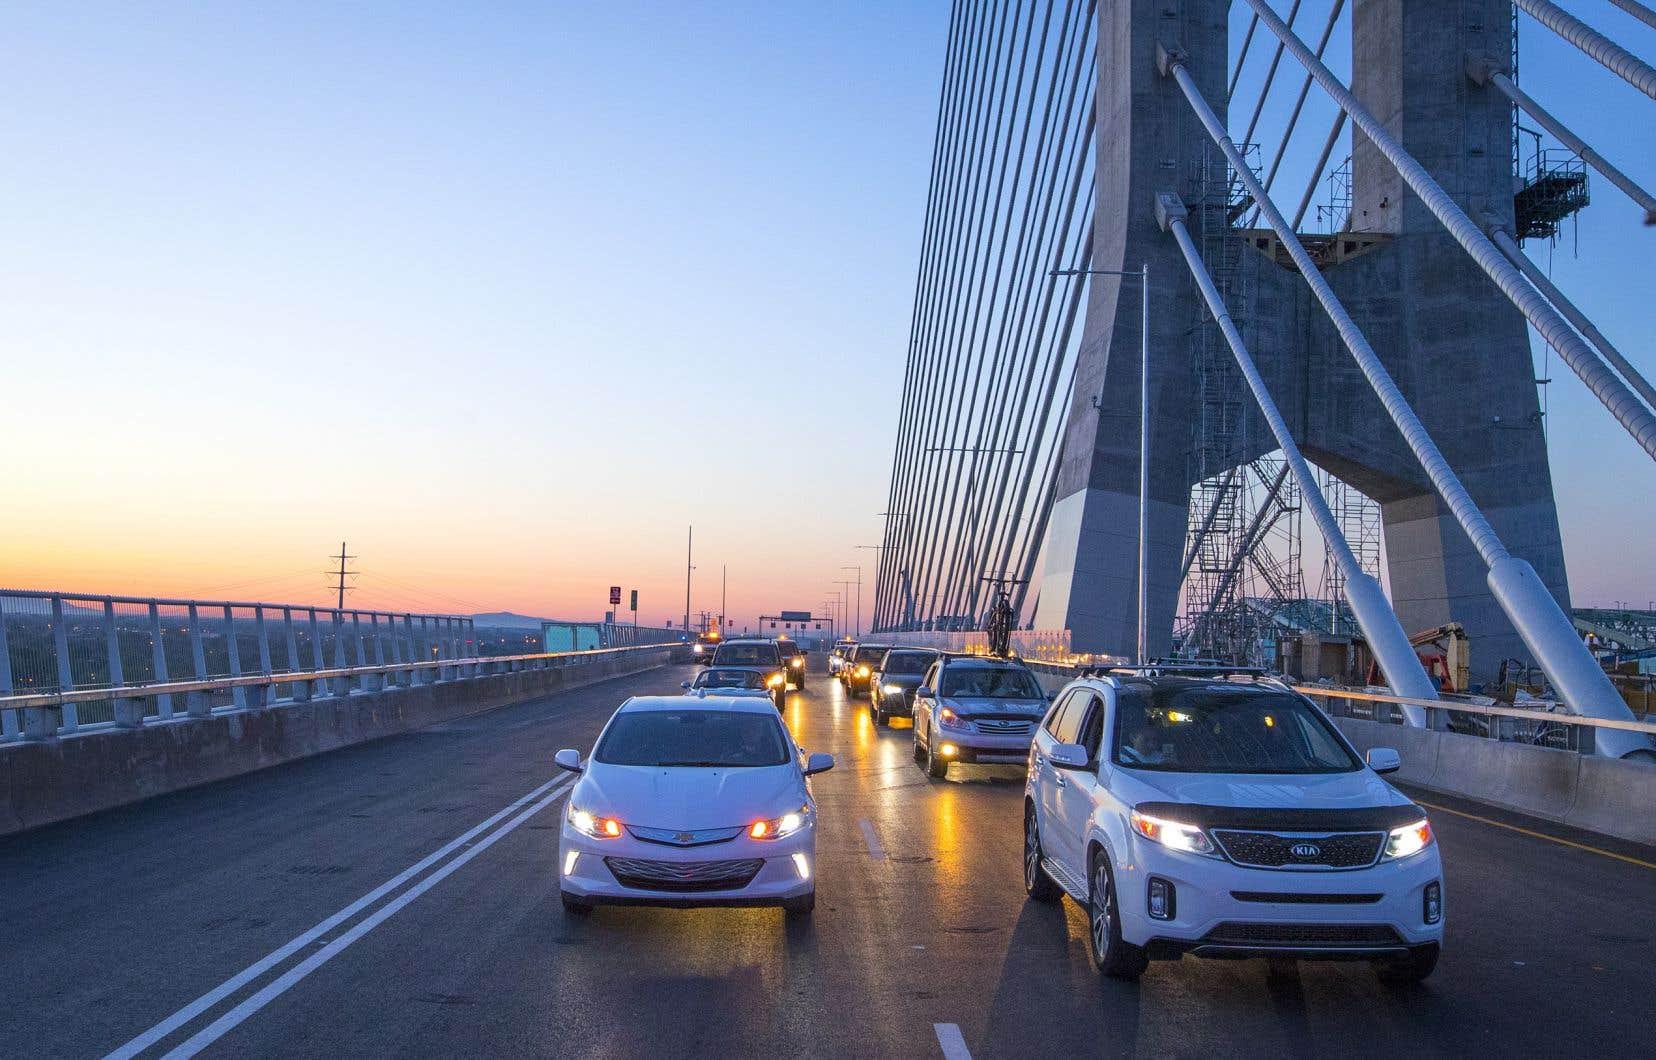 L'ouverture du nouveau pont Samuel-De Champlain a eu lieu comme prévu à 5h, lundi, avec la traversée inaugurale du fleuve Saint-Laurent par des automobilistes en direction nord, de Brossard vers Montréal.